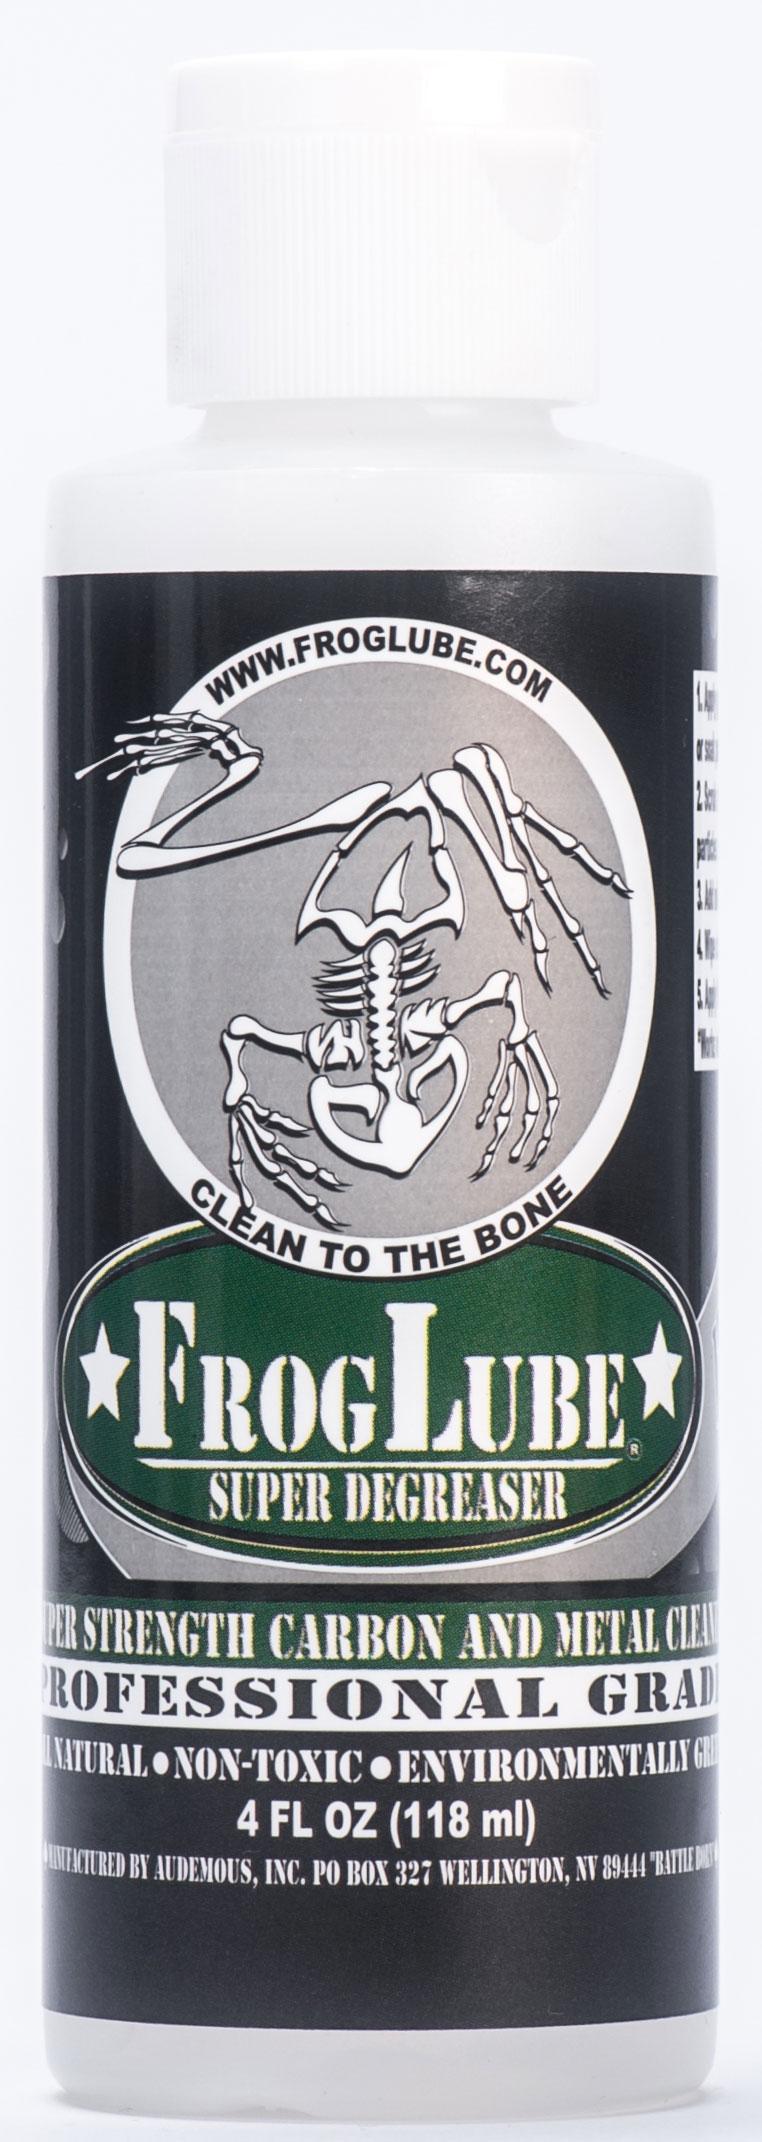 FrogLube Super Degreaser 4 fl. oz. Bottle